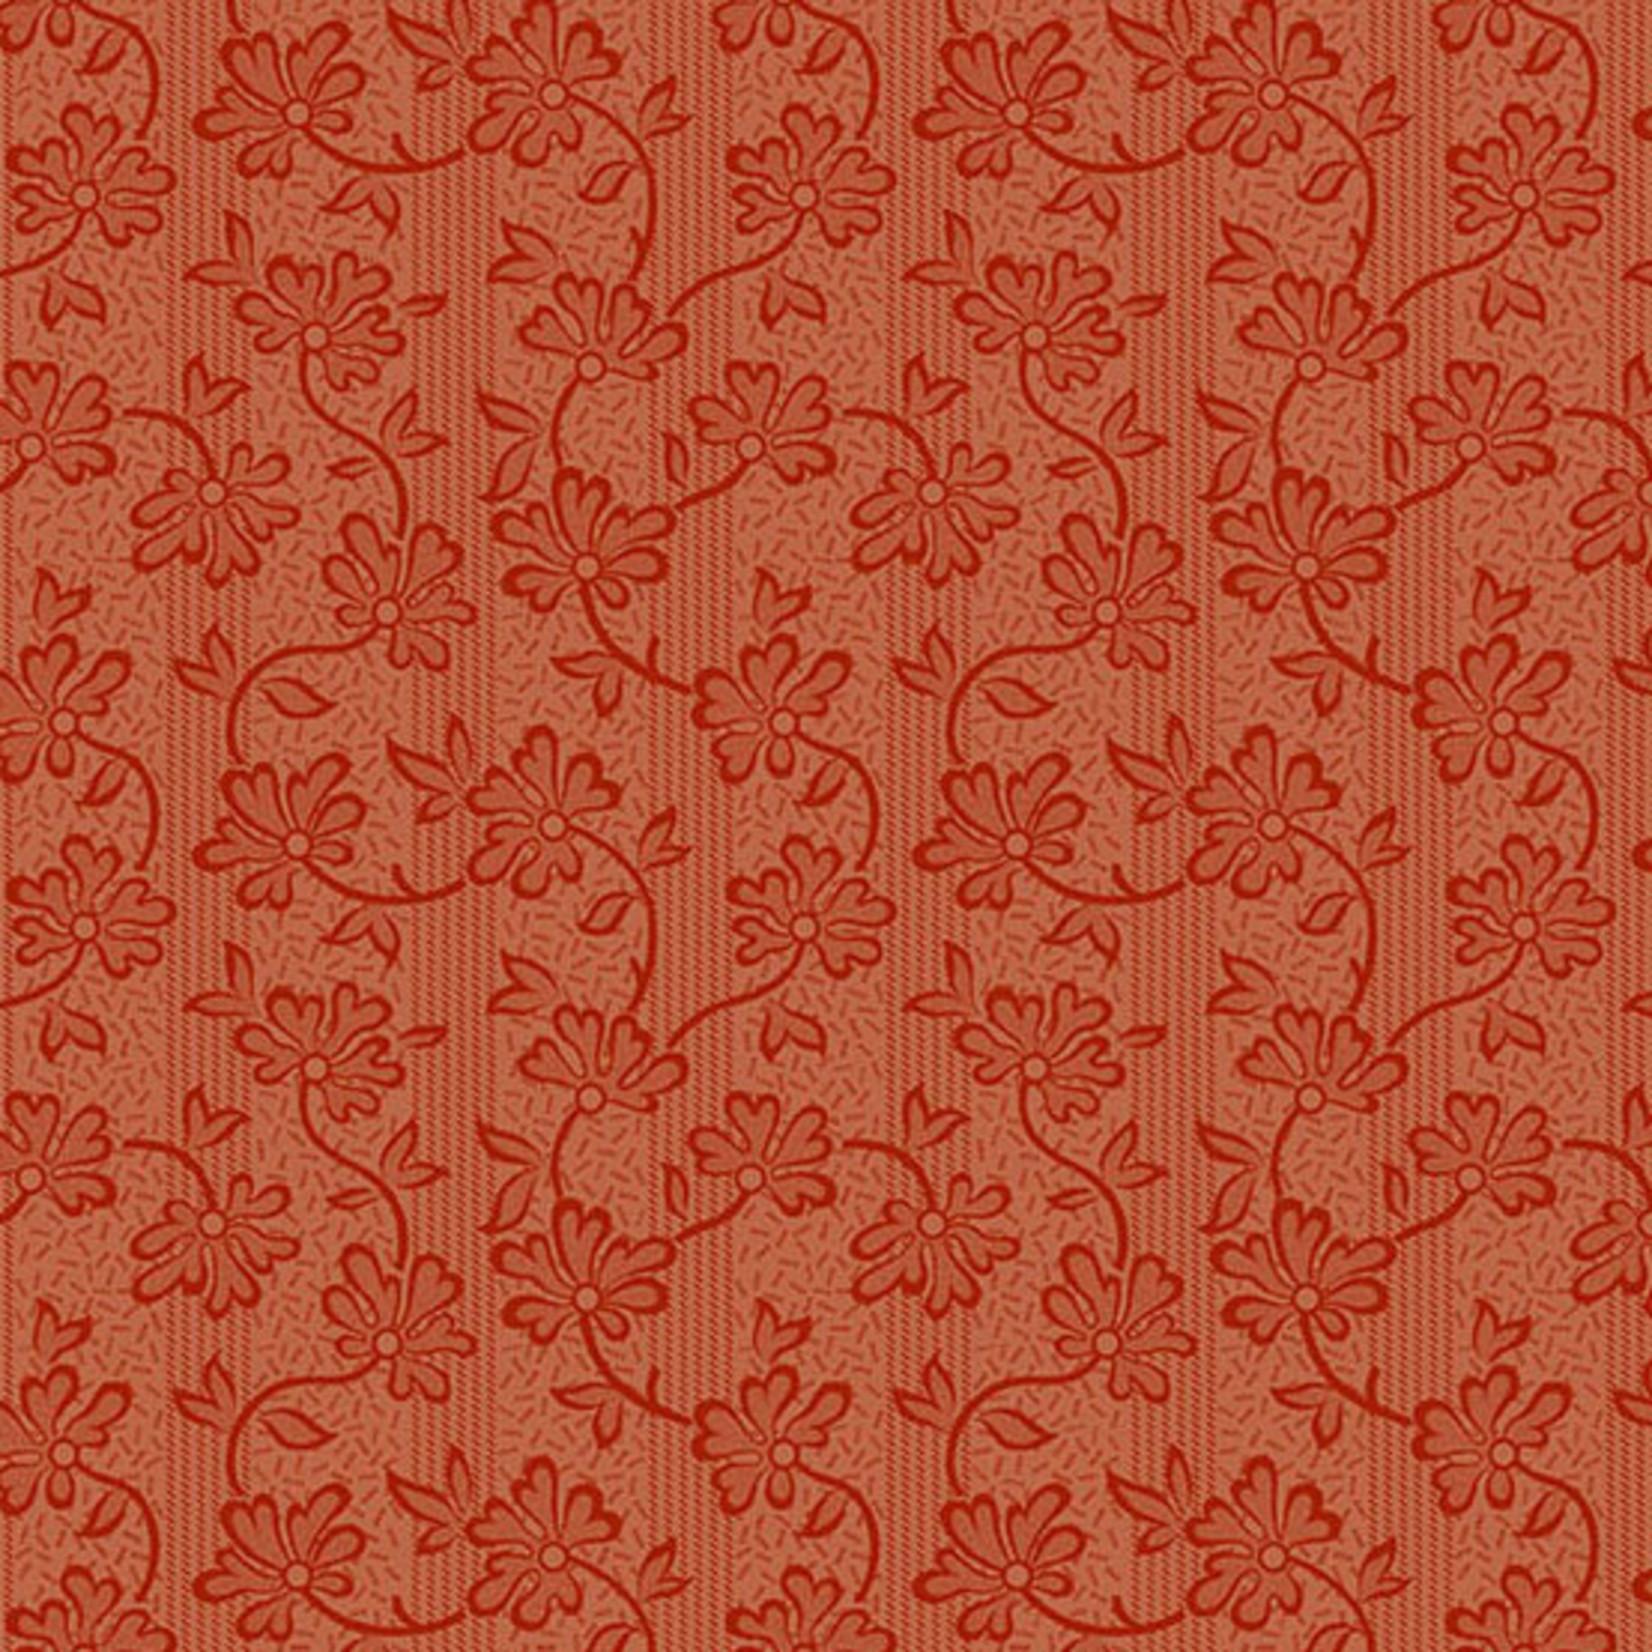 Edyta Sitar Secret Stash - Warms, Honeysuckle, Red (8620-R) $0.20 per cm or $20/m